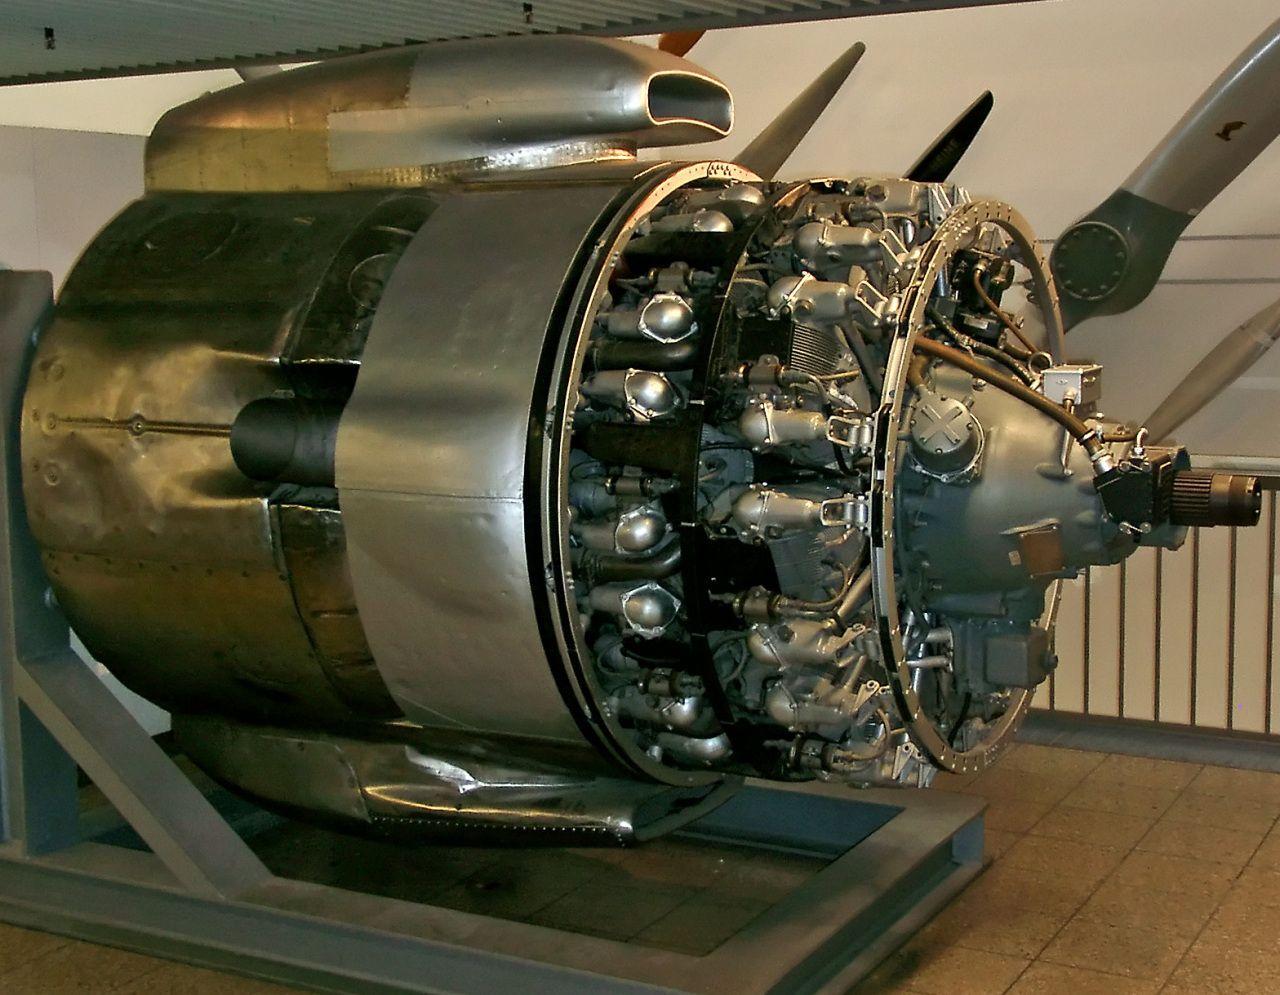 Wright R3350 DuplexCyclone turbo compound engine